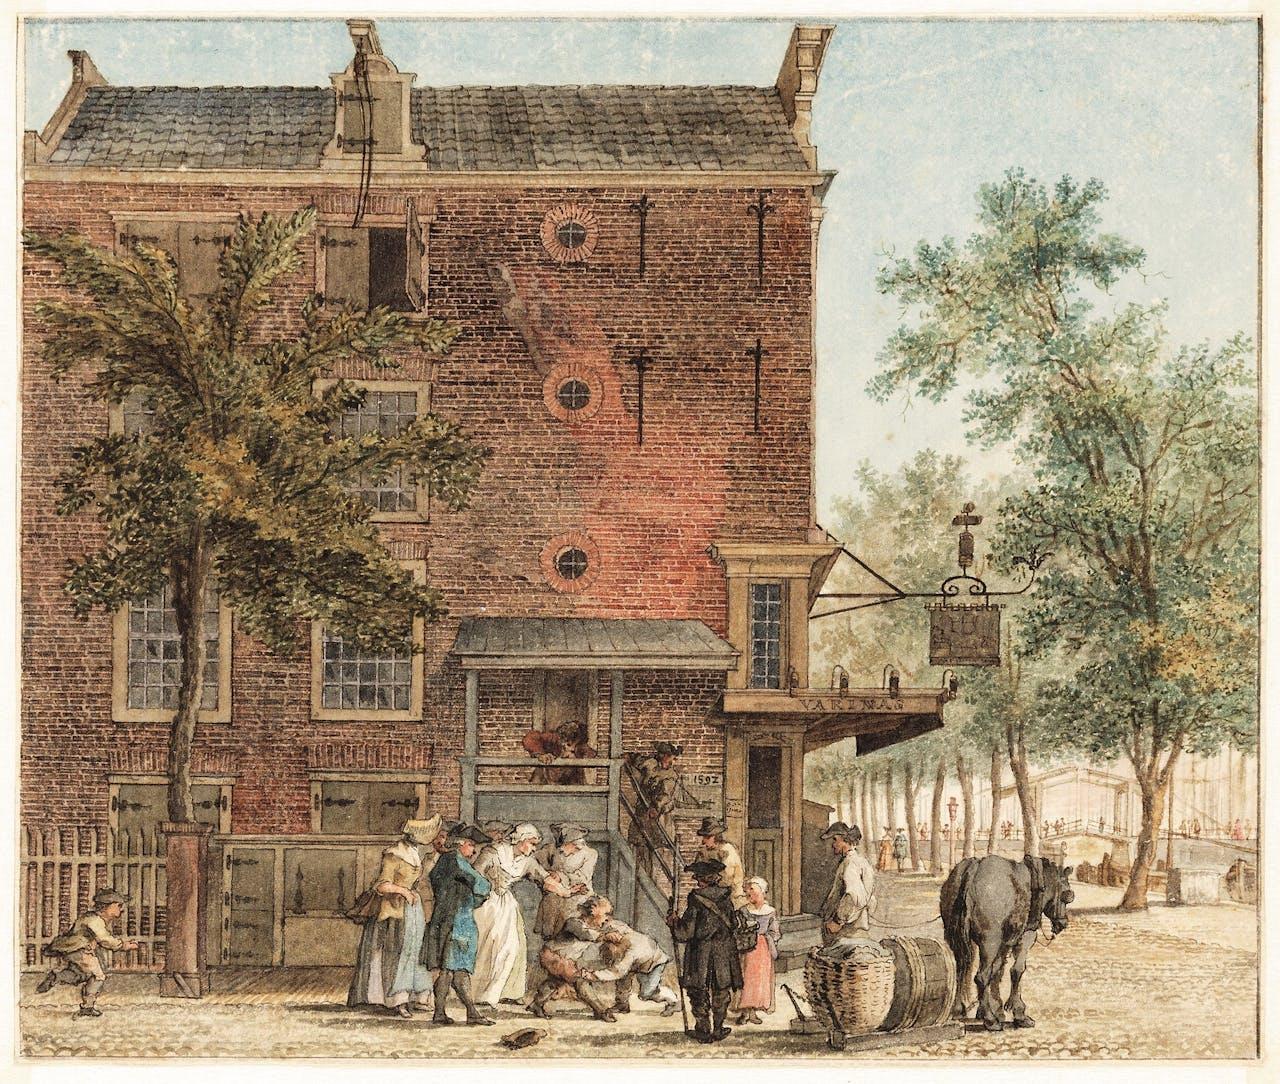 Reinier Vinkeles, 1765: de tabakswinkel op de hoek Binnenkant en Kalkmarkt. Vinkeles is de enige tekenaar uit de 18de eeuw die wél een straat naar zich vernoemd kreeg, de Reinier Vinkeleskade.